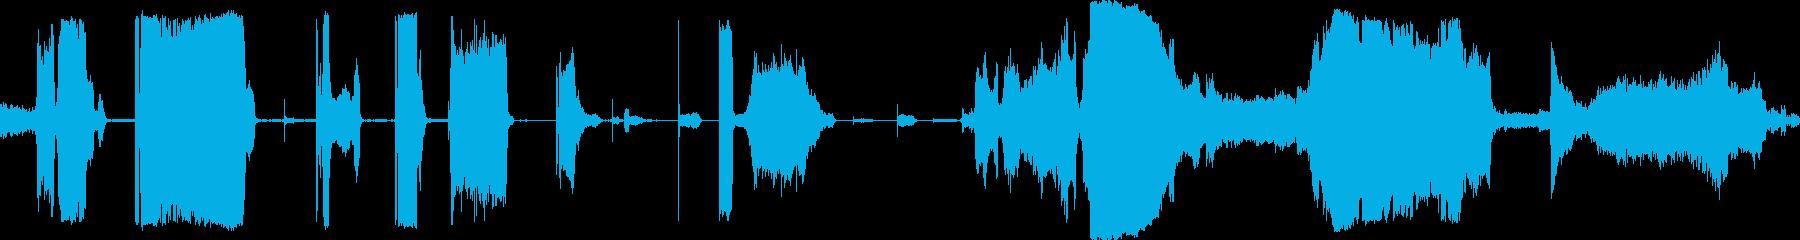 きしみ音オフのコンプレッサーの再生済みの波形